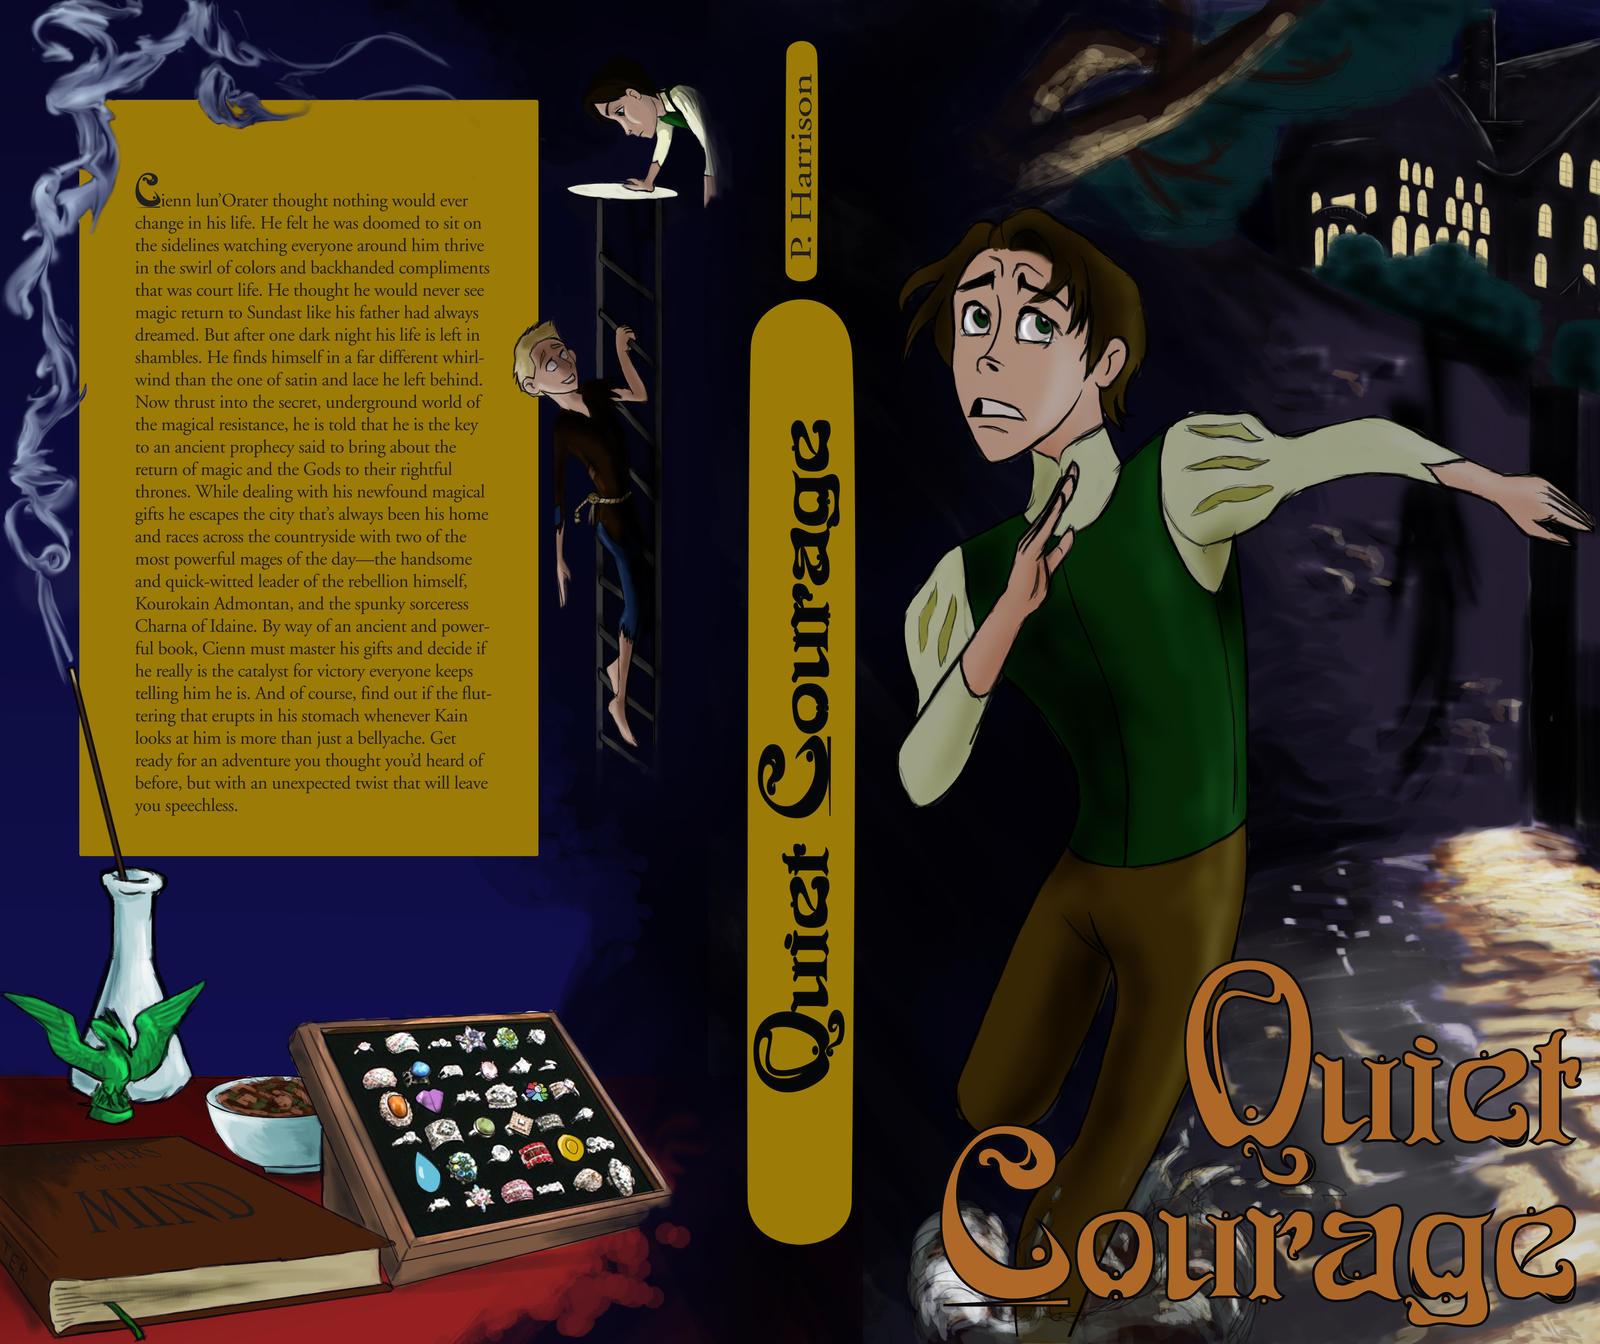 Quiet Courage by Evendar